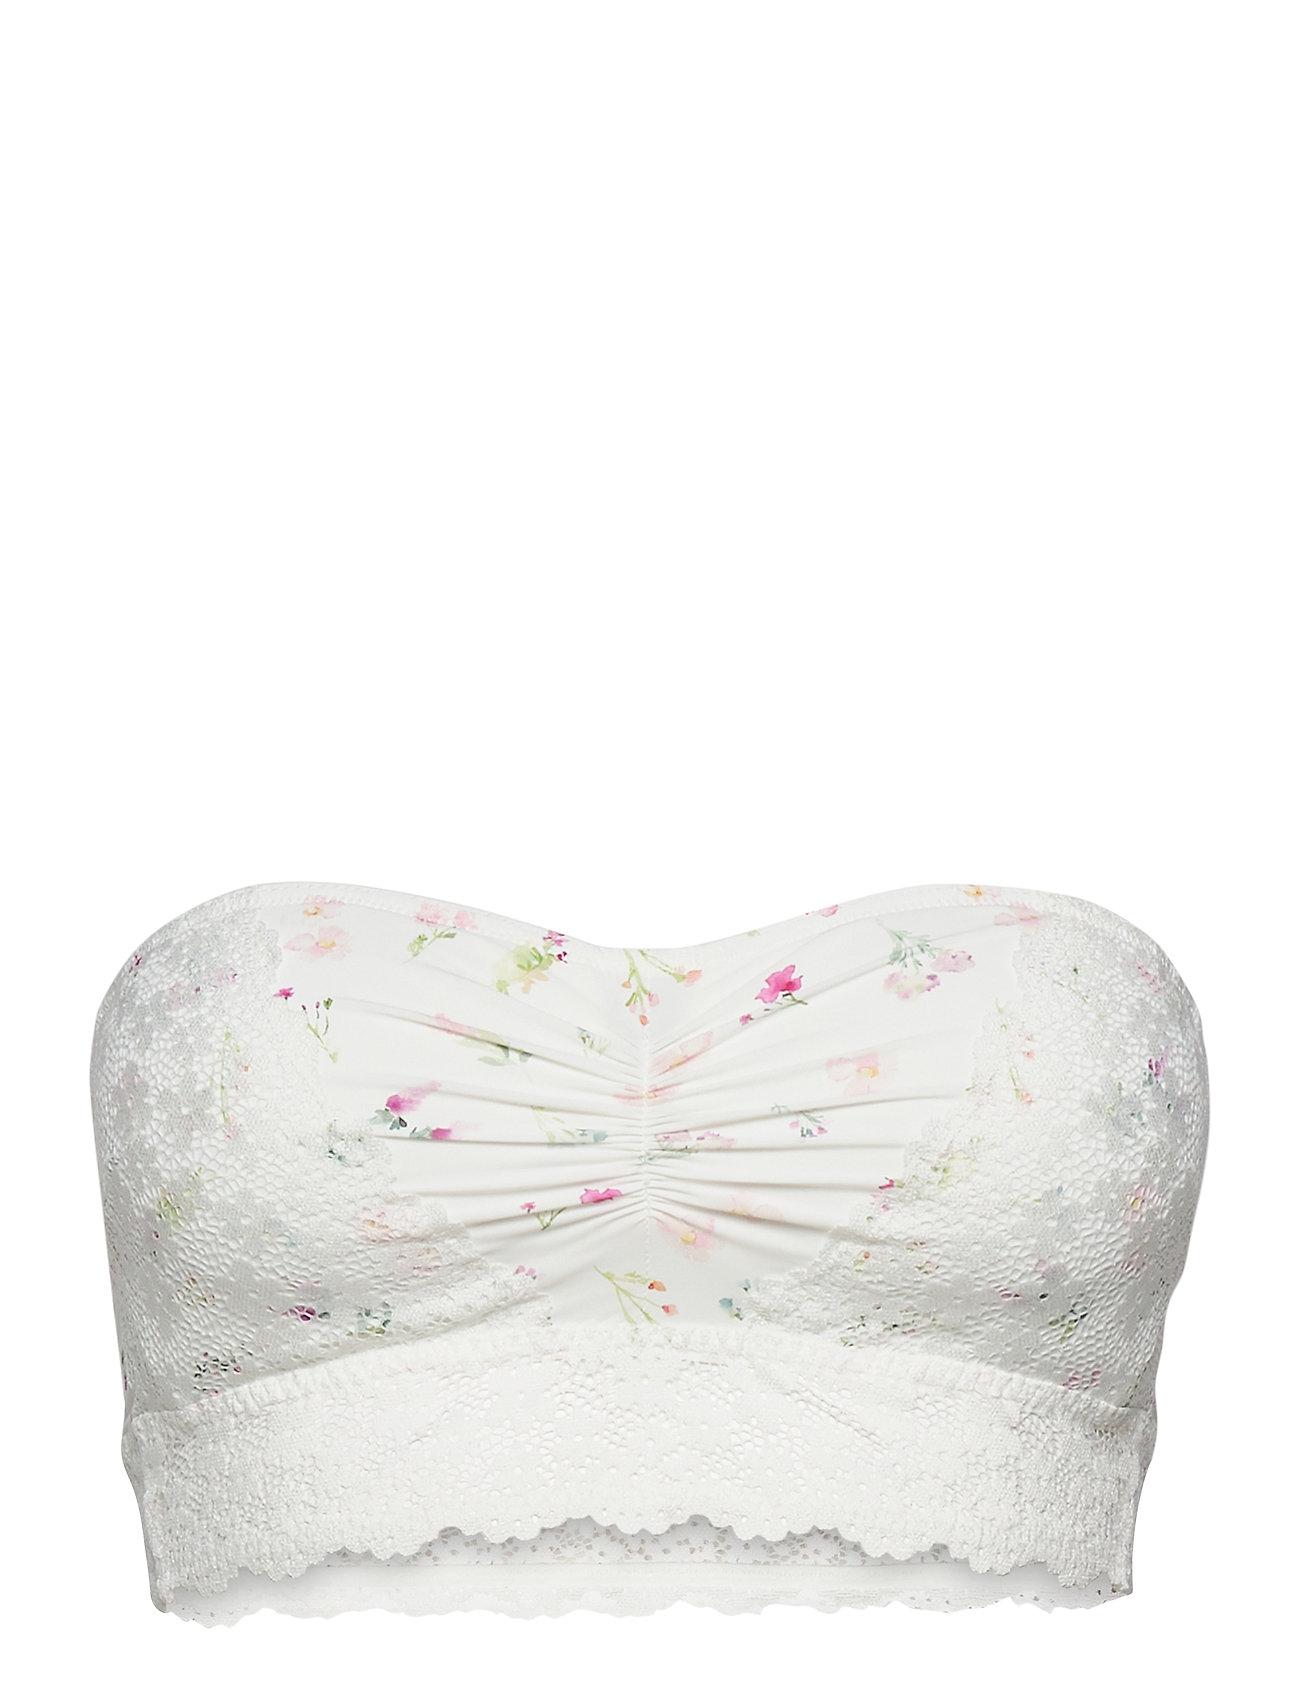 Image of Bras Wireless Lingerie Bras & Tops Soft Bras Hvid Esprit Bodywear Women (3493870995)